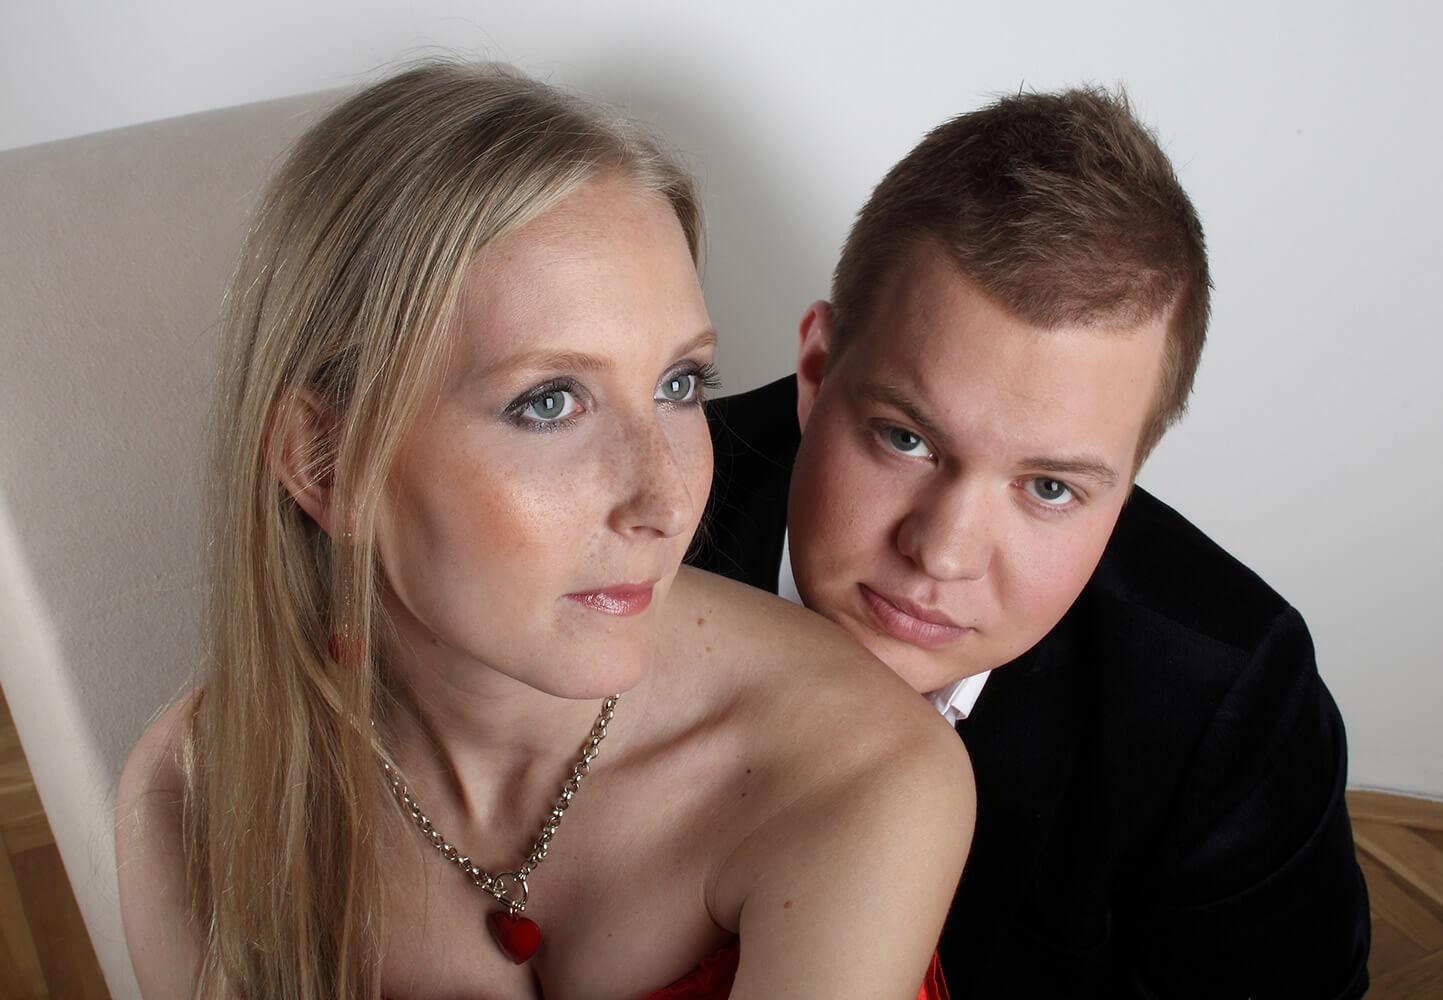 párová fotografie ženy s náhrdelníkem a muže v saku